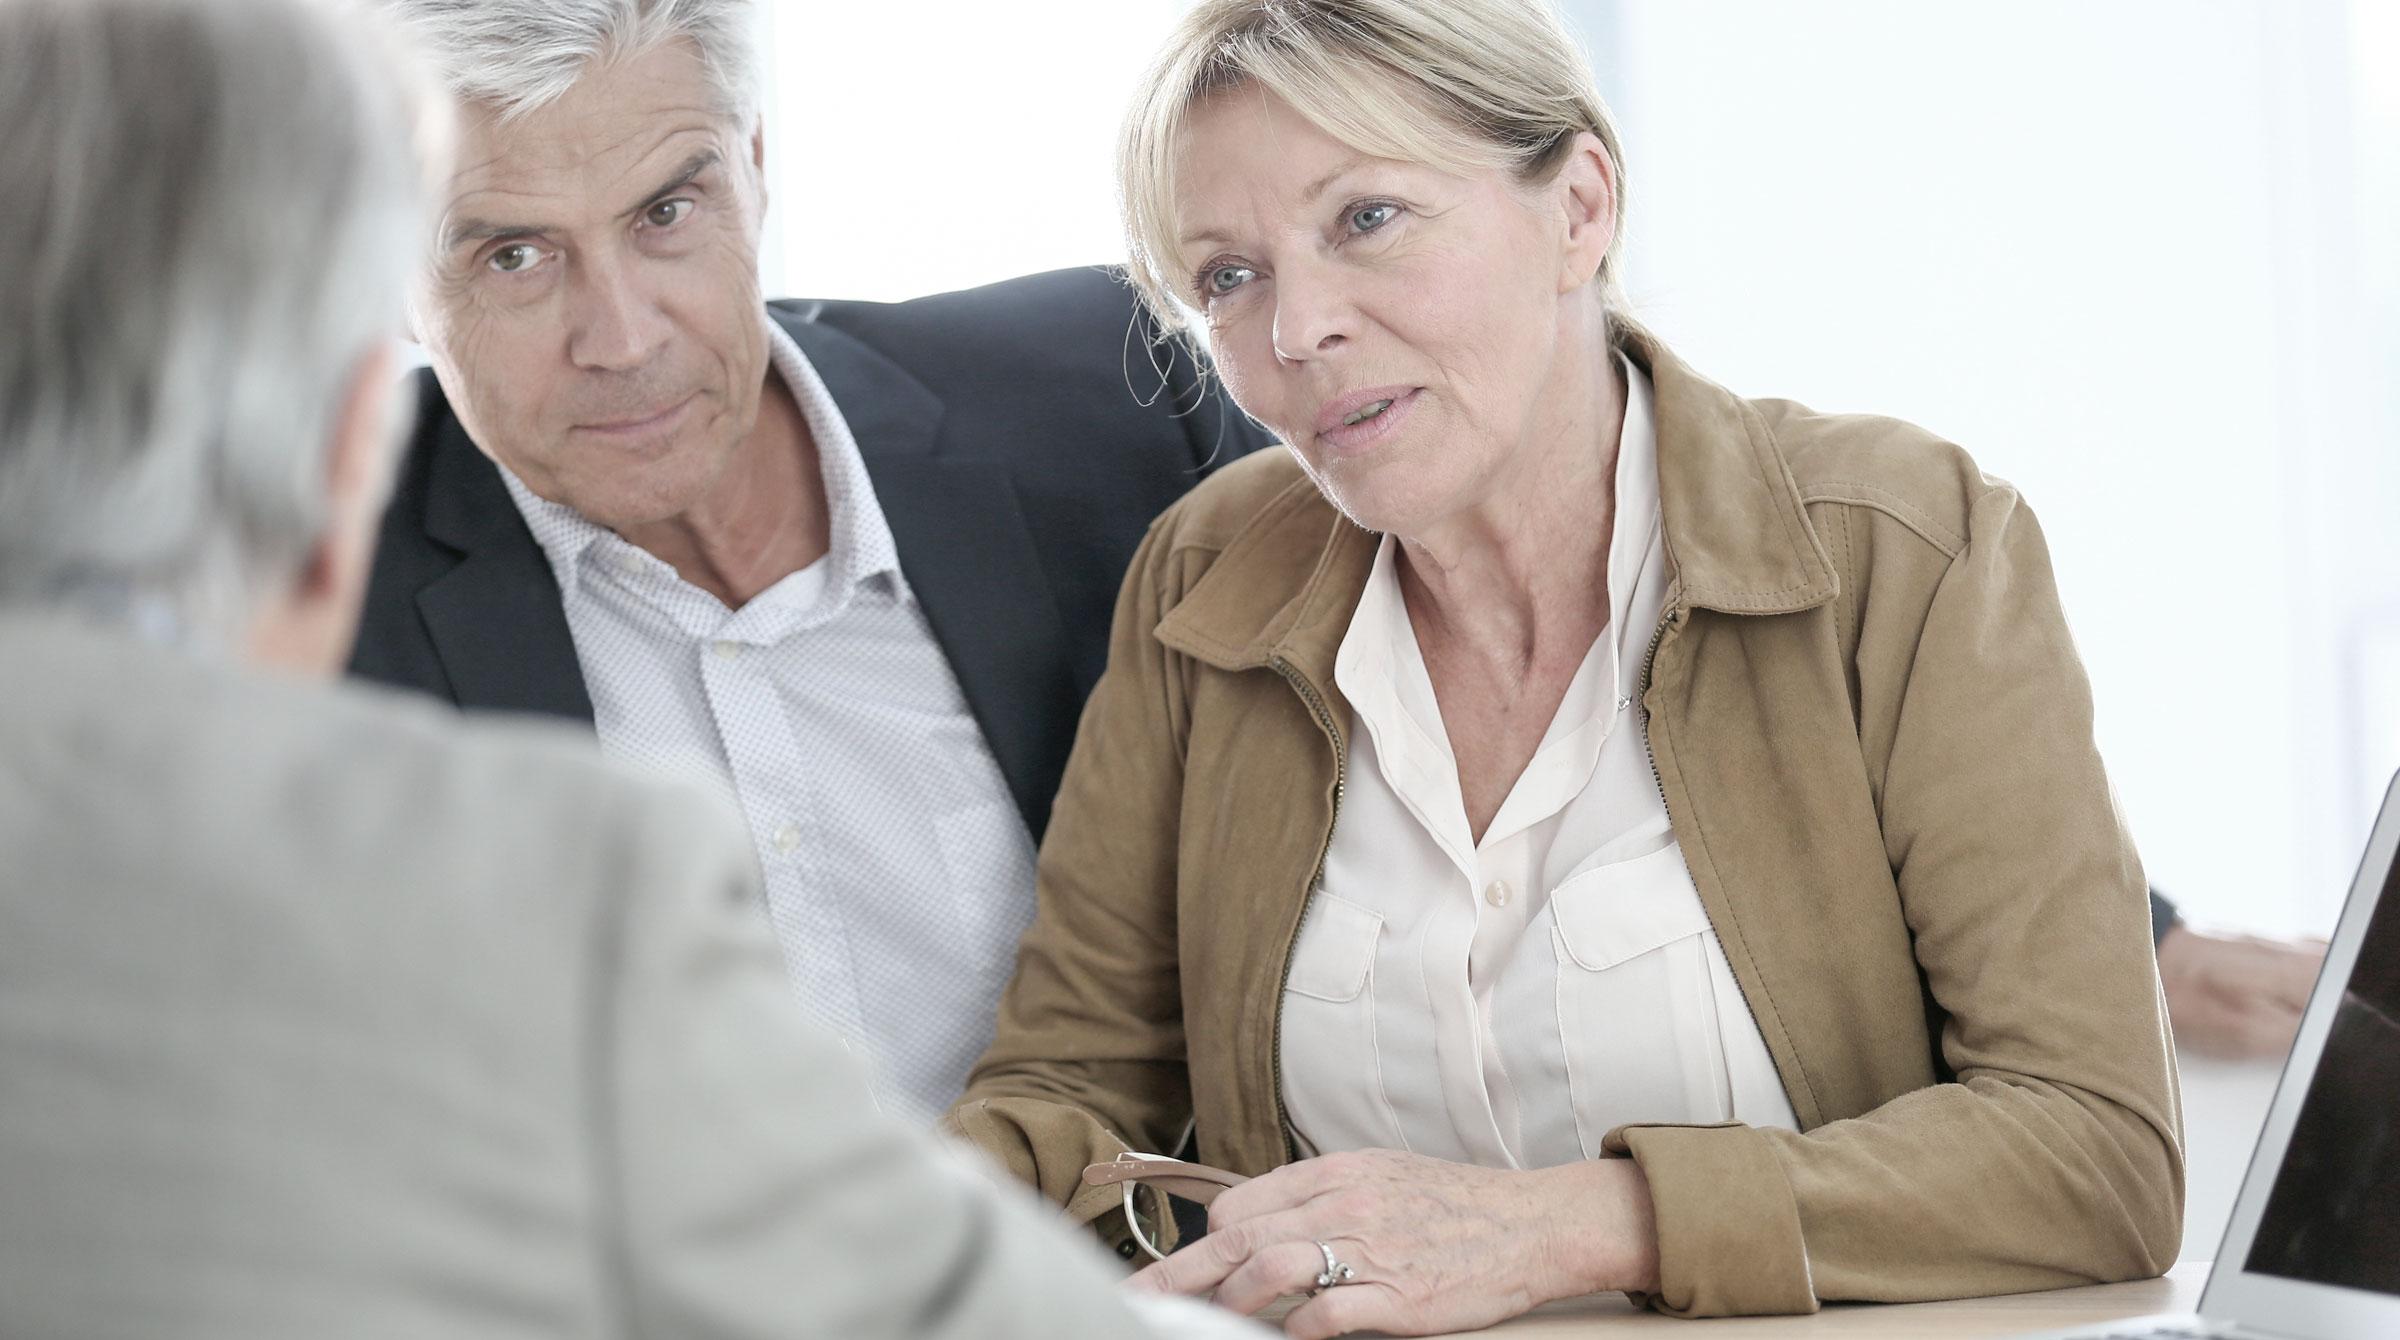 Teaserbild Leistungen Hausratversicherung